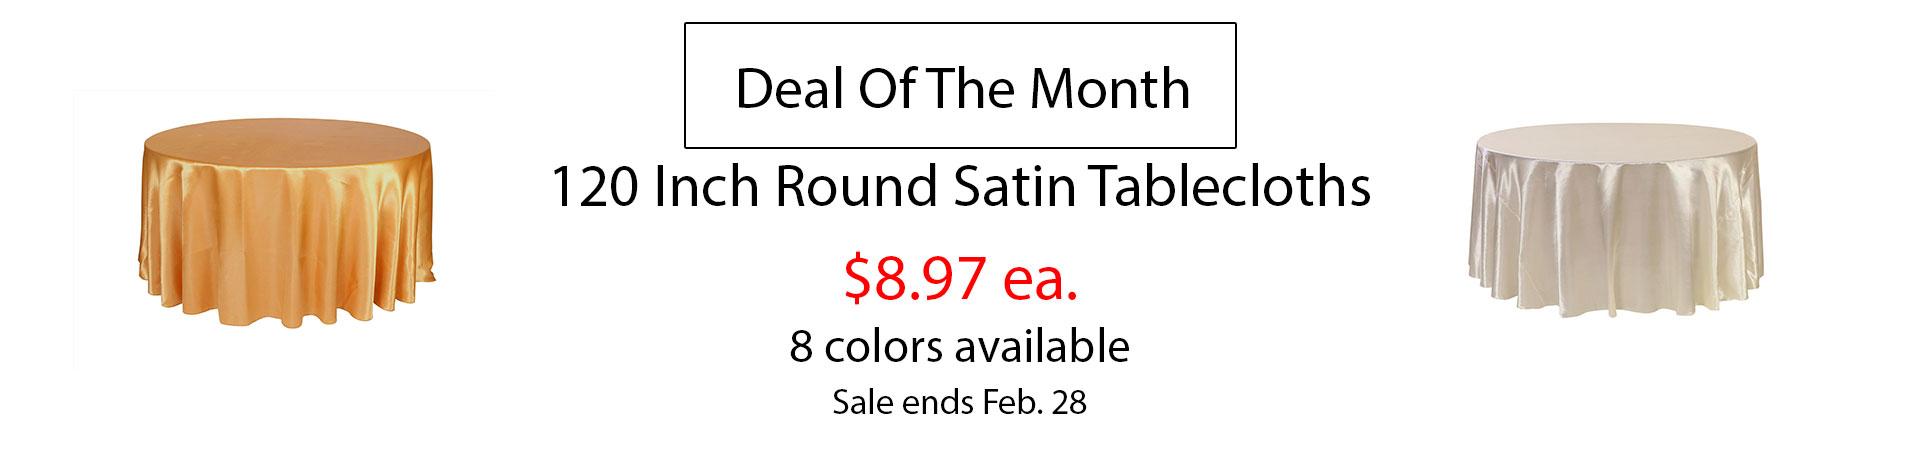 satin tablecloths